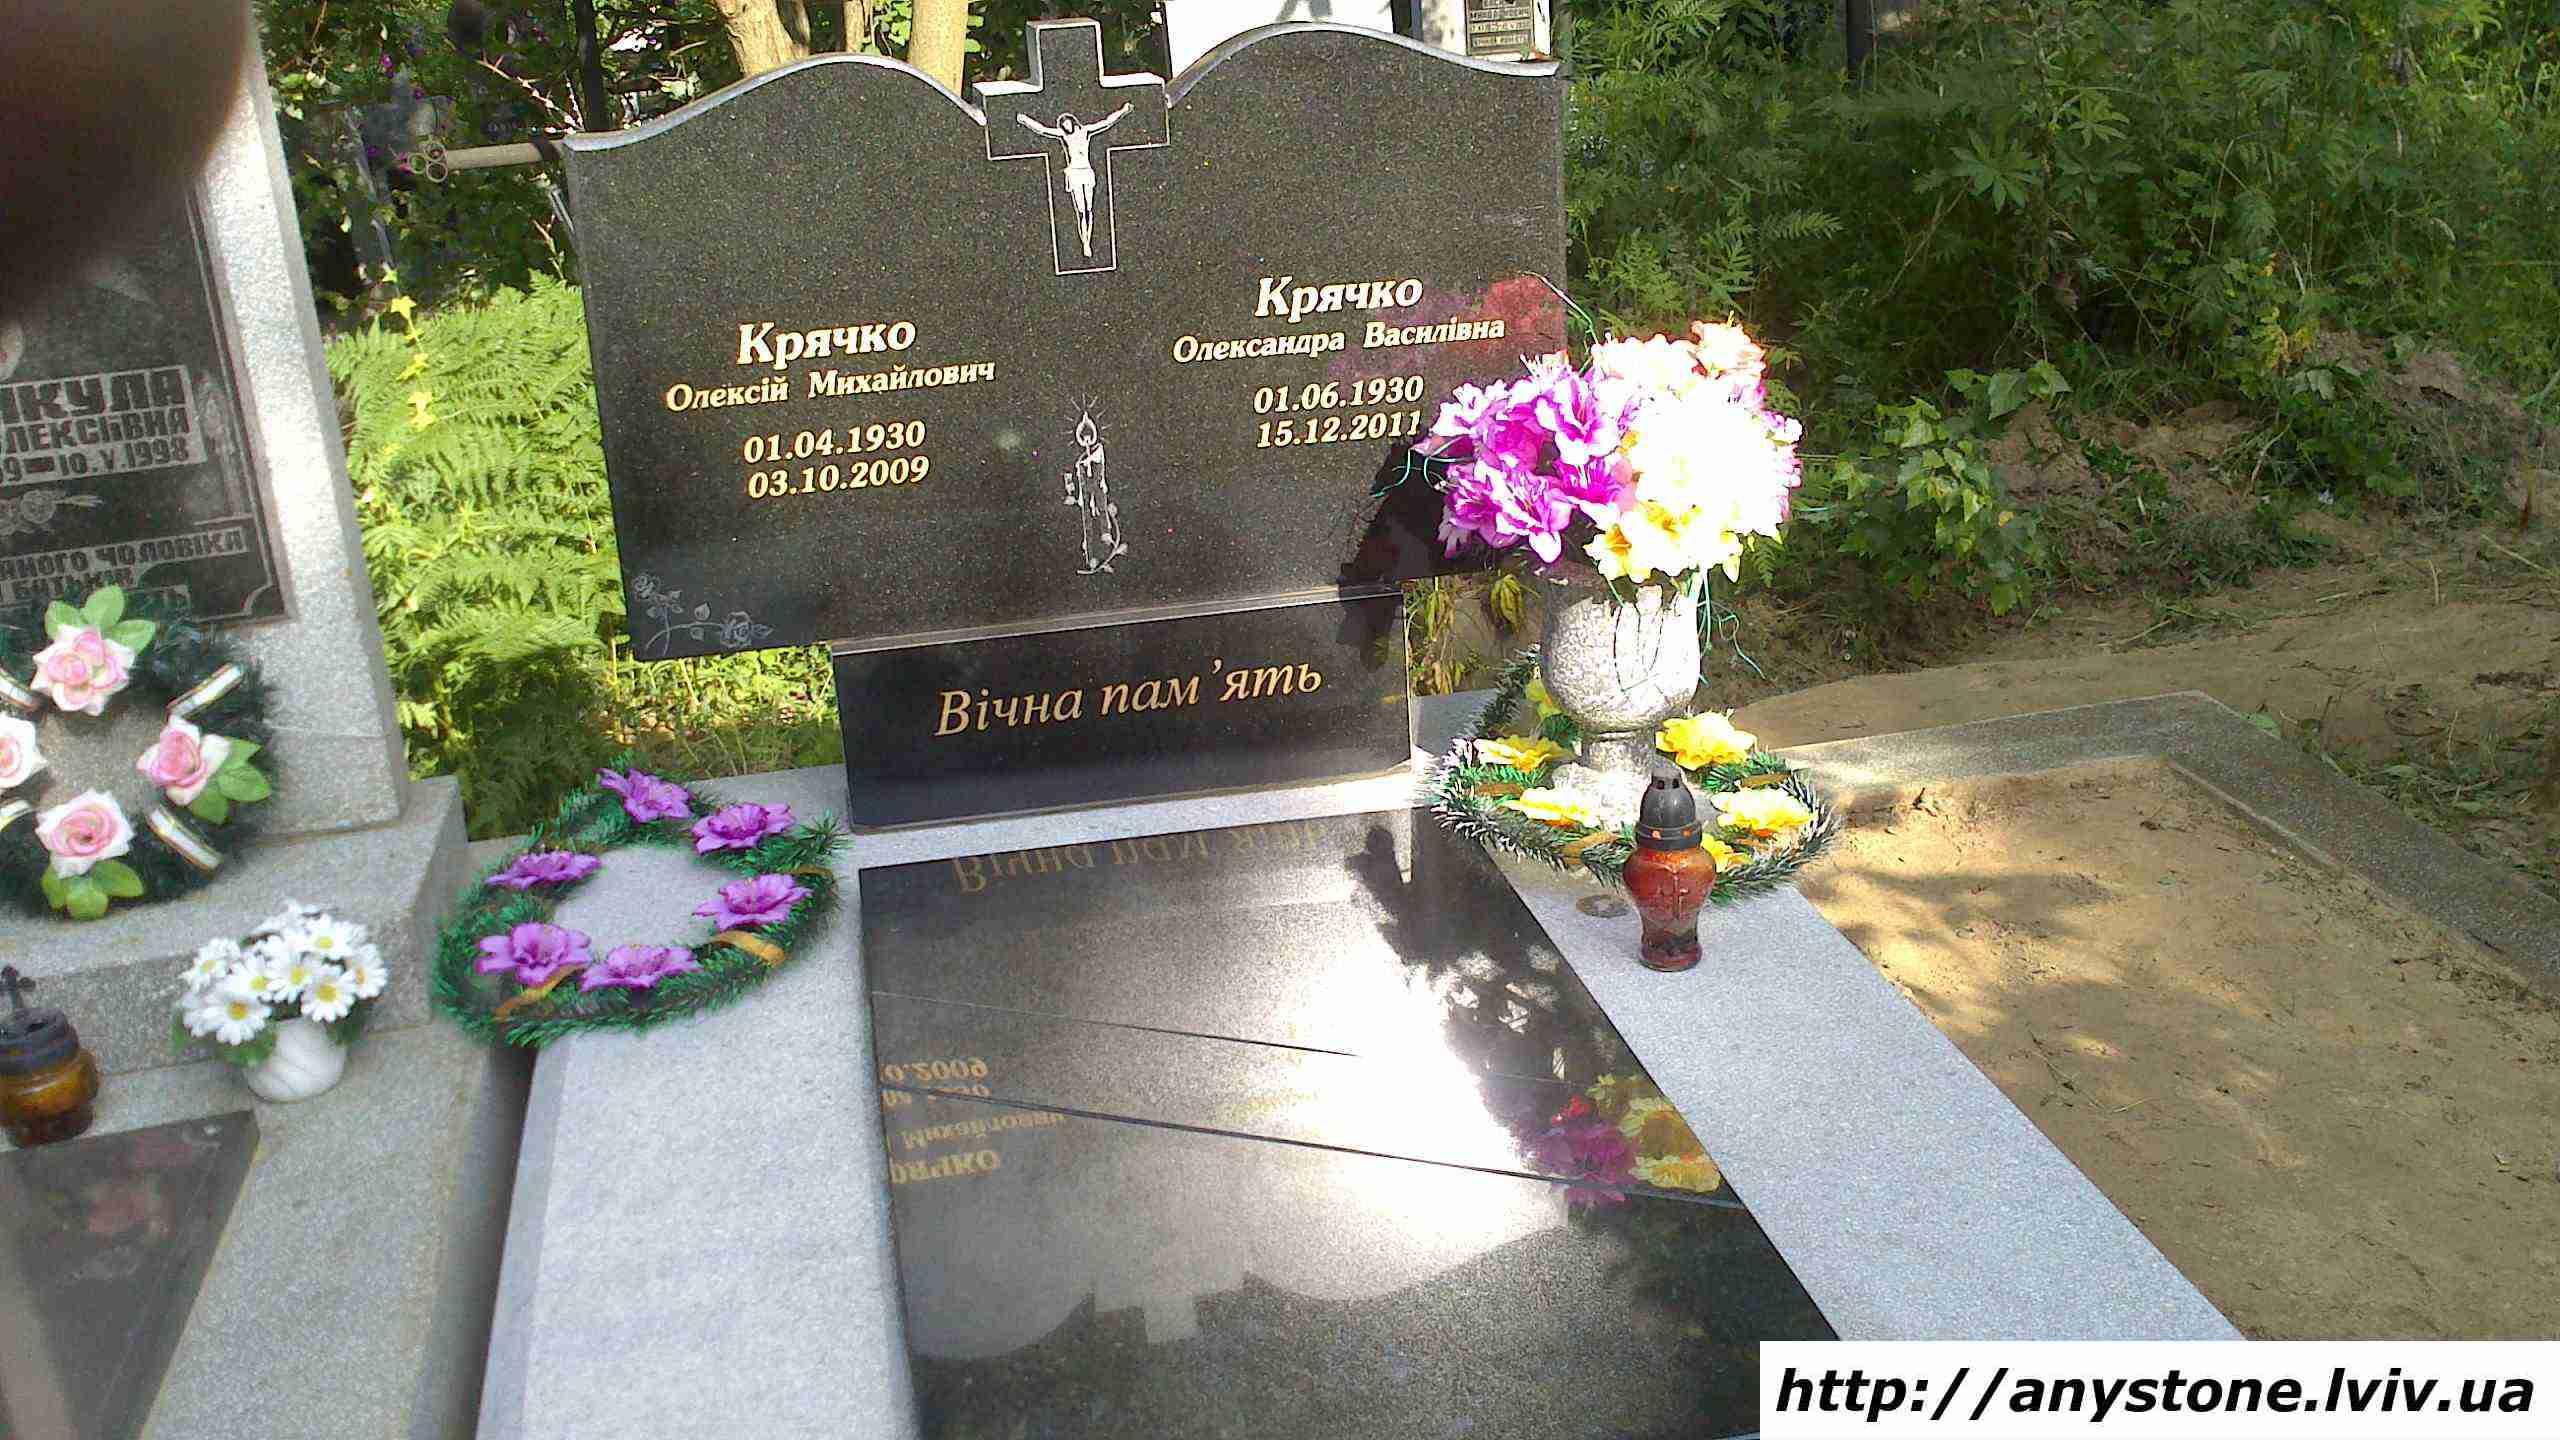 Памятники на могилу фото цена в орле заказ памятника на кладбище Аннино